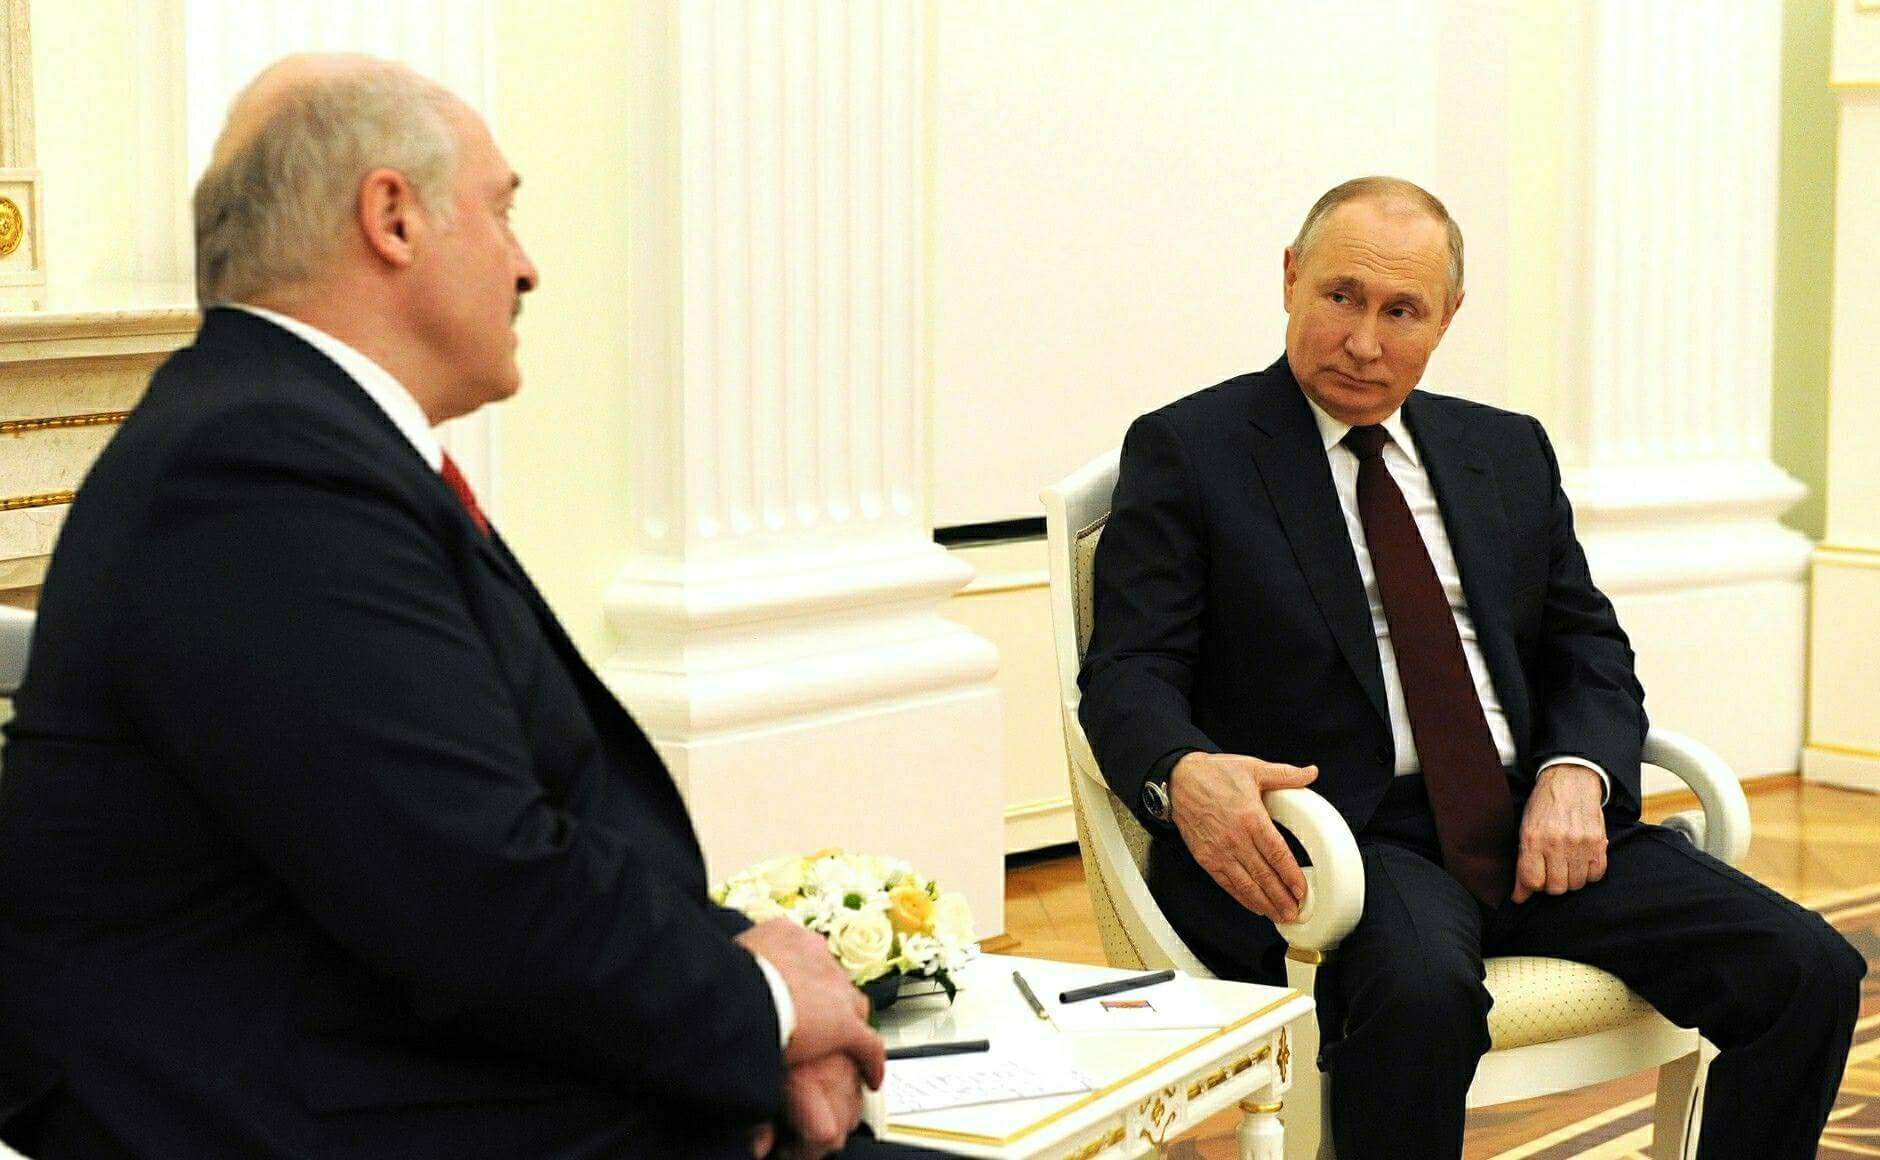 Kremlin Pool /Global Look Press